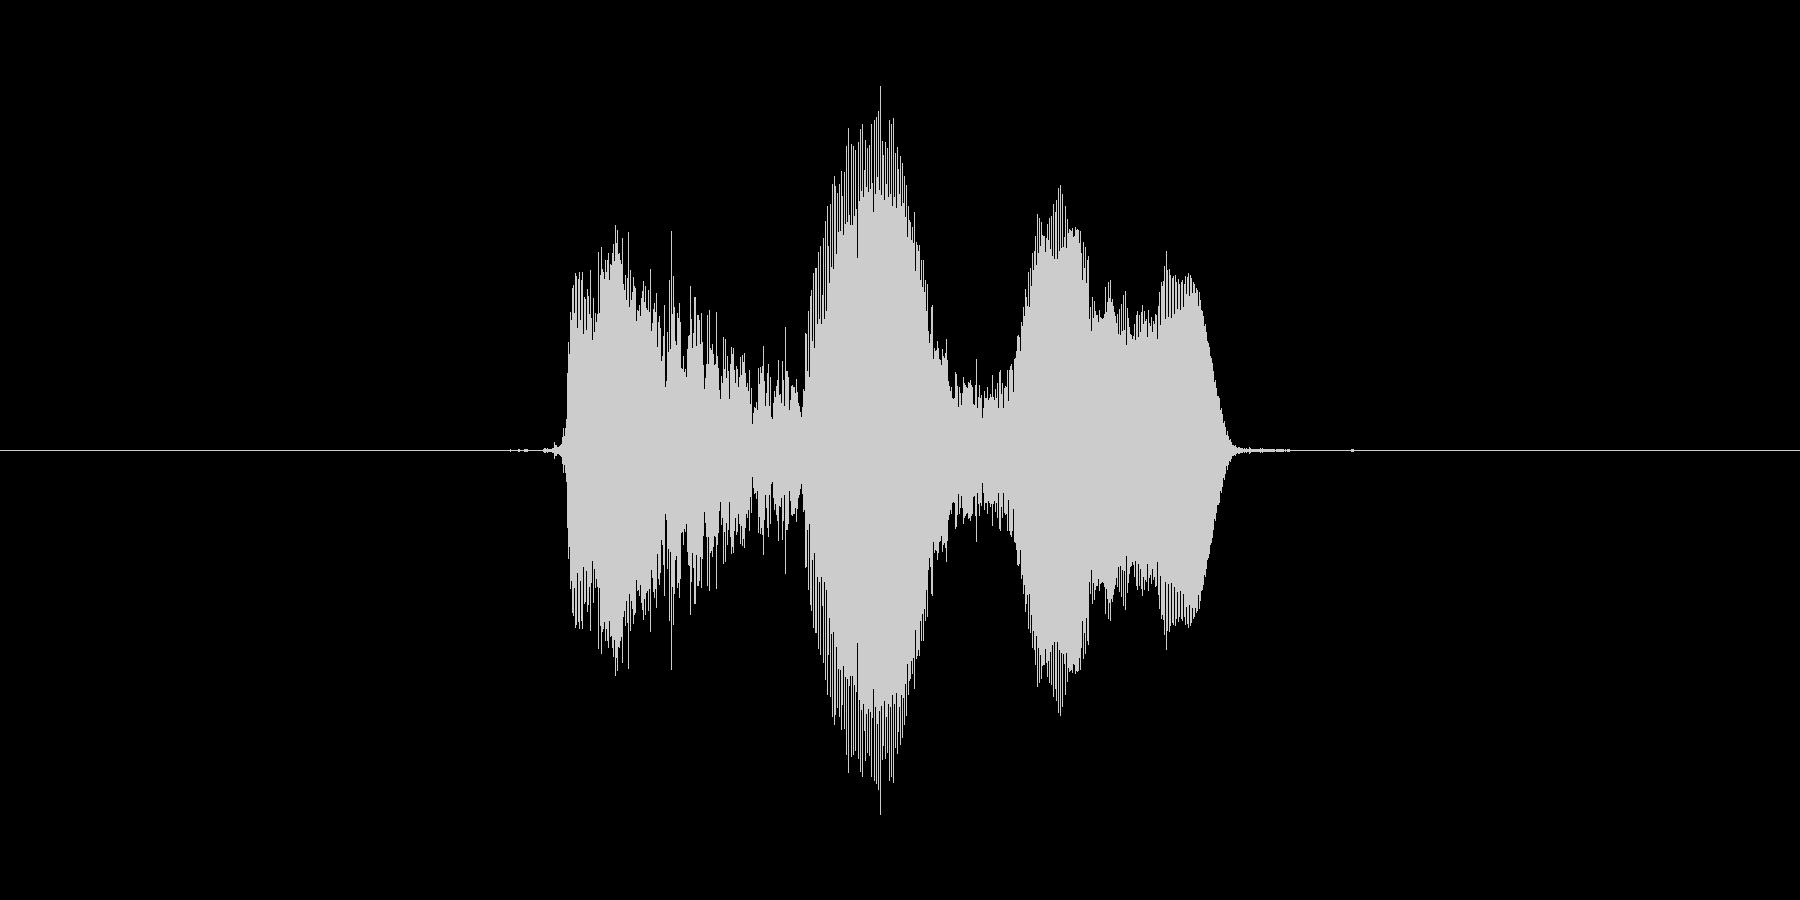 キャハハッ(明るい笑い声)の未再生の波形